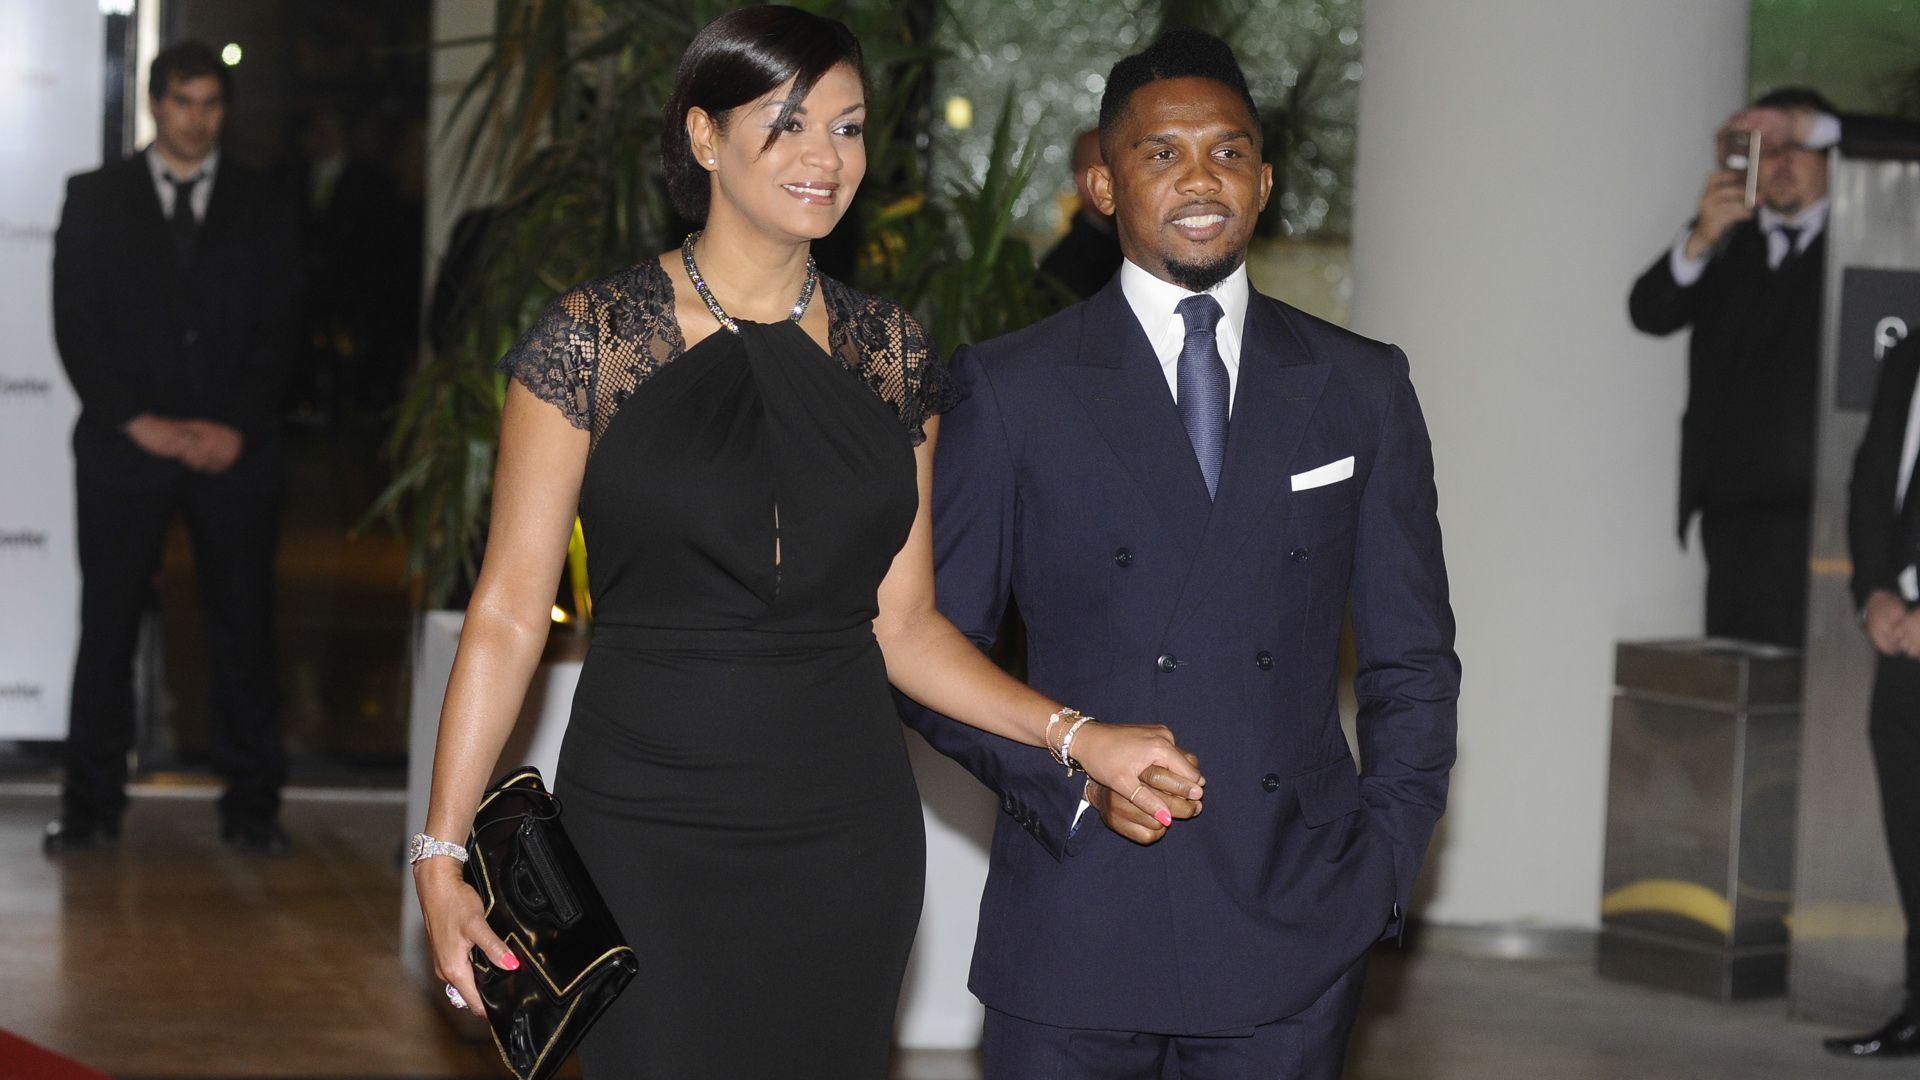 Samuel Eto'o acudió en acompañado al casamiento de Lionel Messi (Martín Villar)